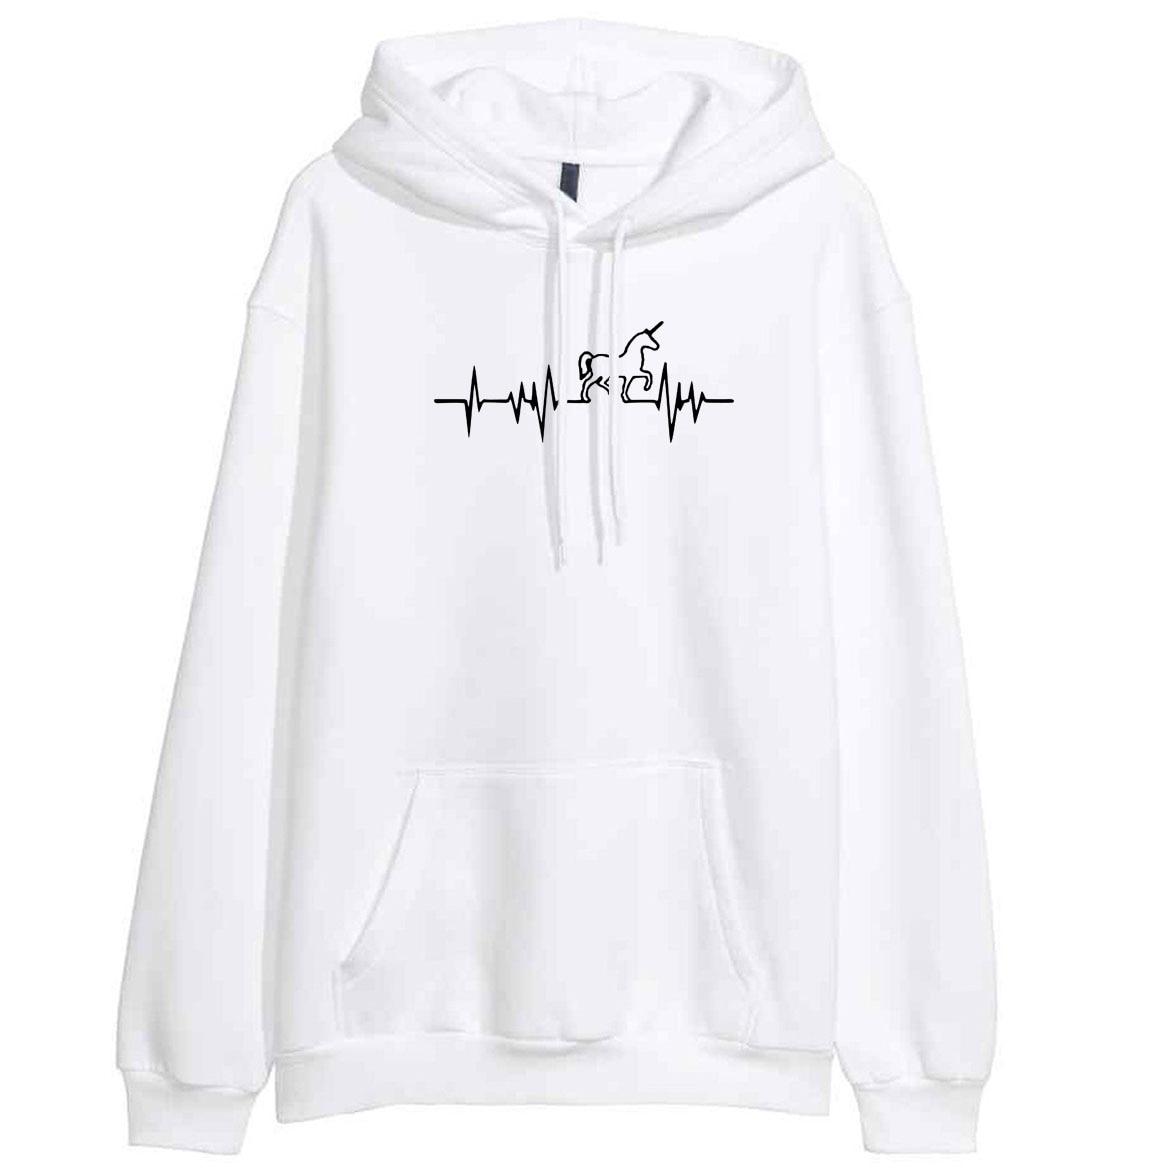 Hot Sale Women's Hoody Sweatshirts 2019 Autumn Winter Fleece Sweatshirt For Women Brand Print Unicorn Kawaii Crossfit Sportswear